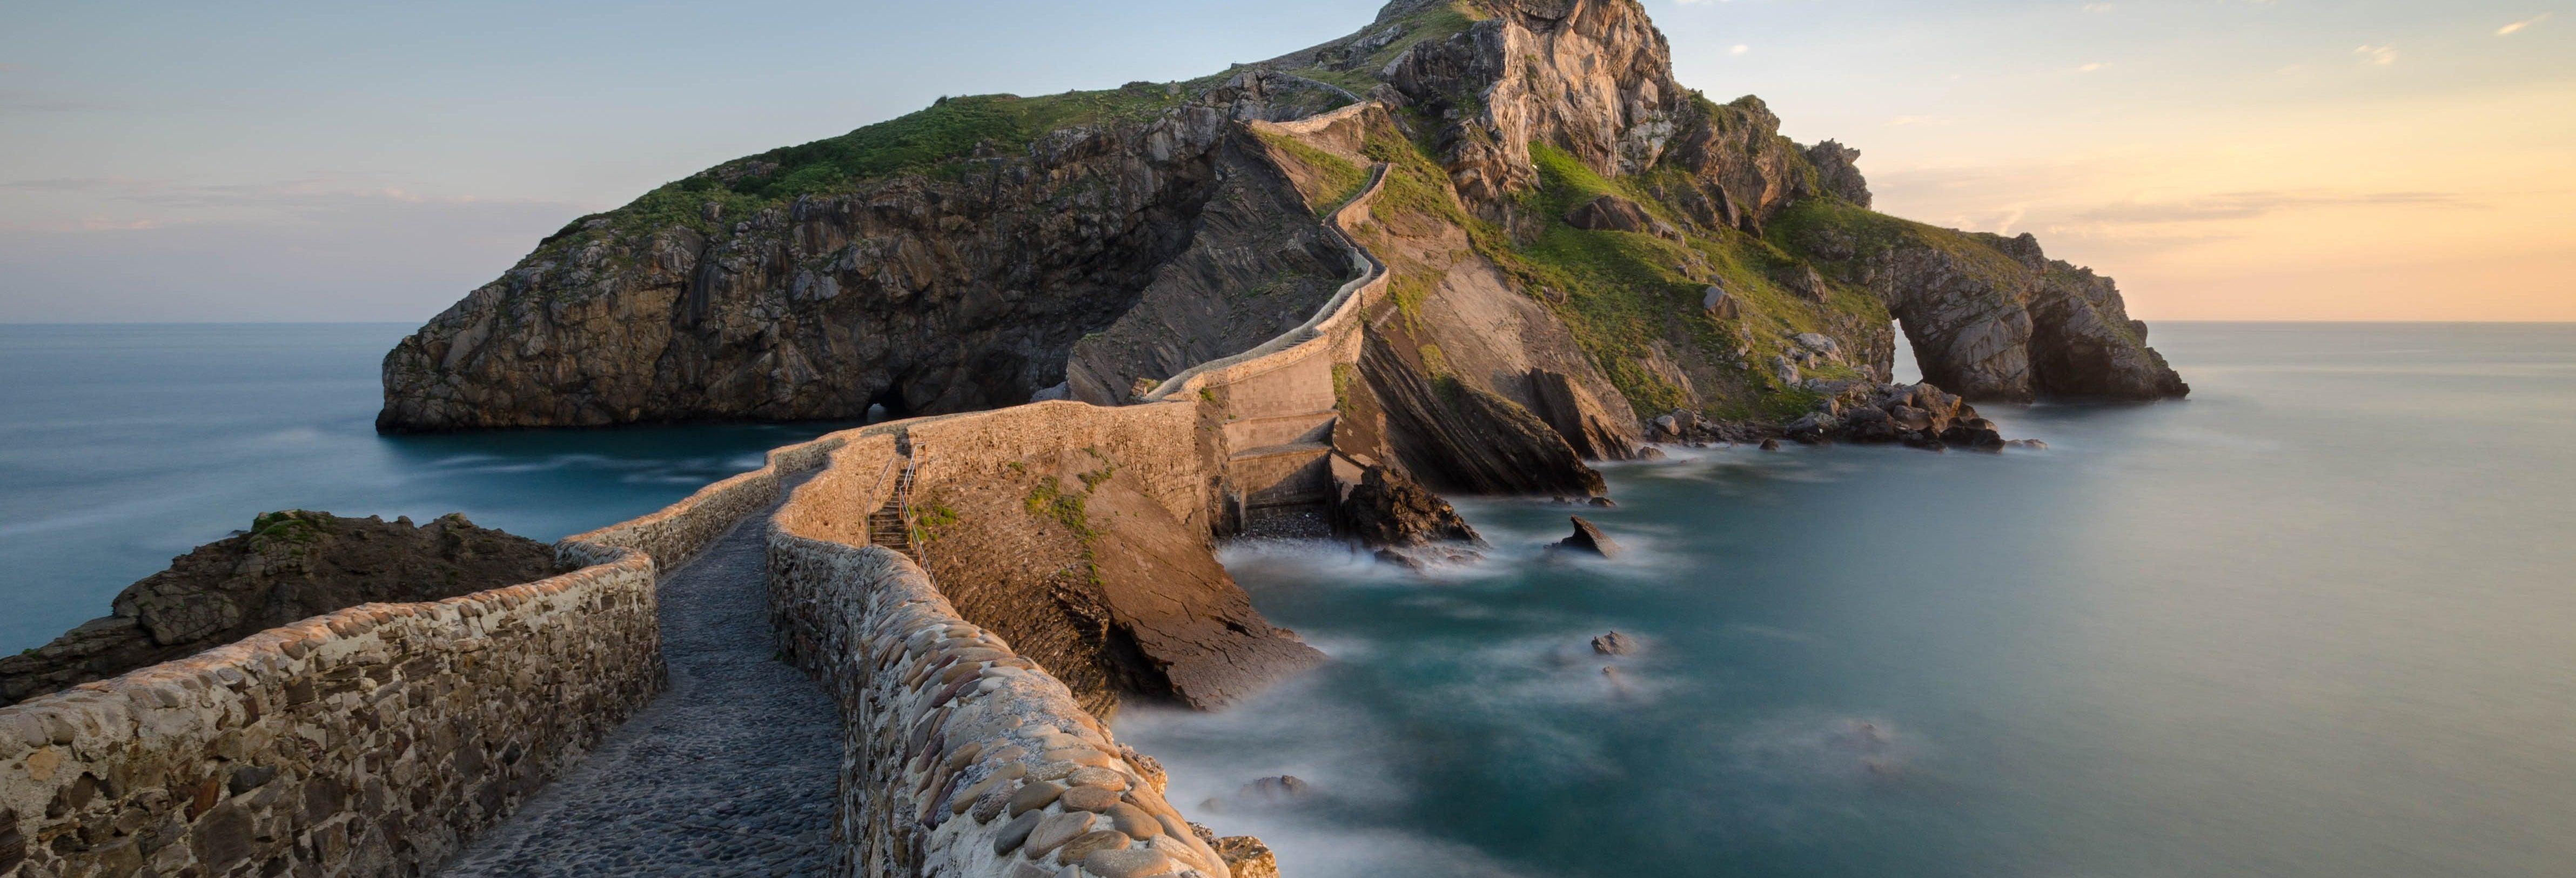 Escursione in Costa Basca